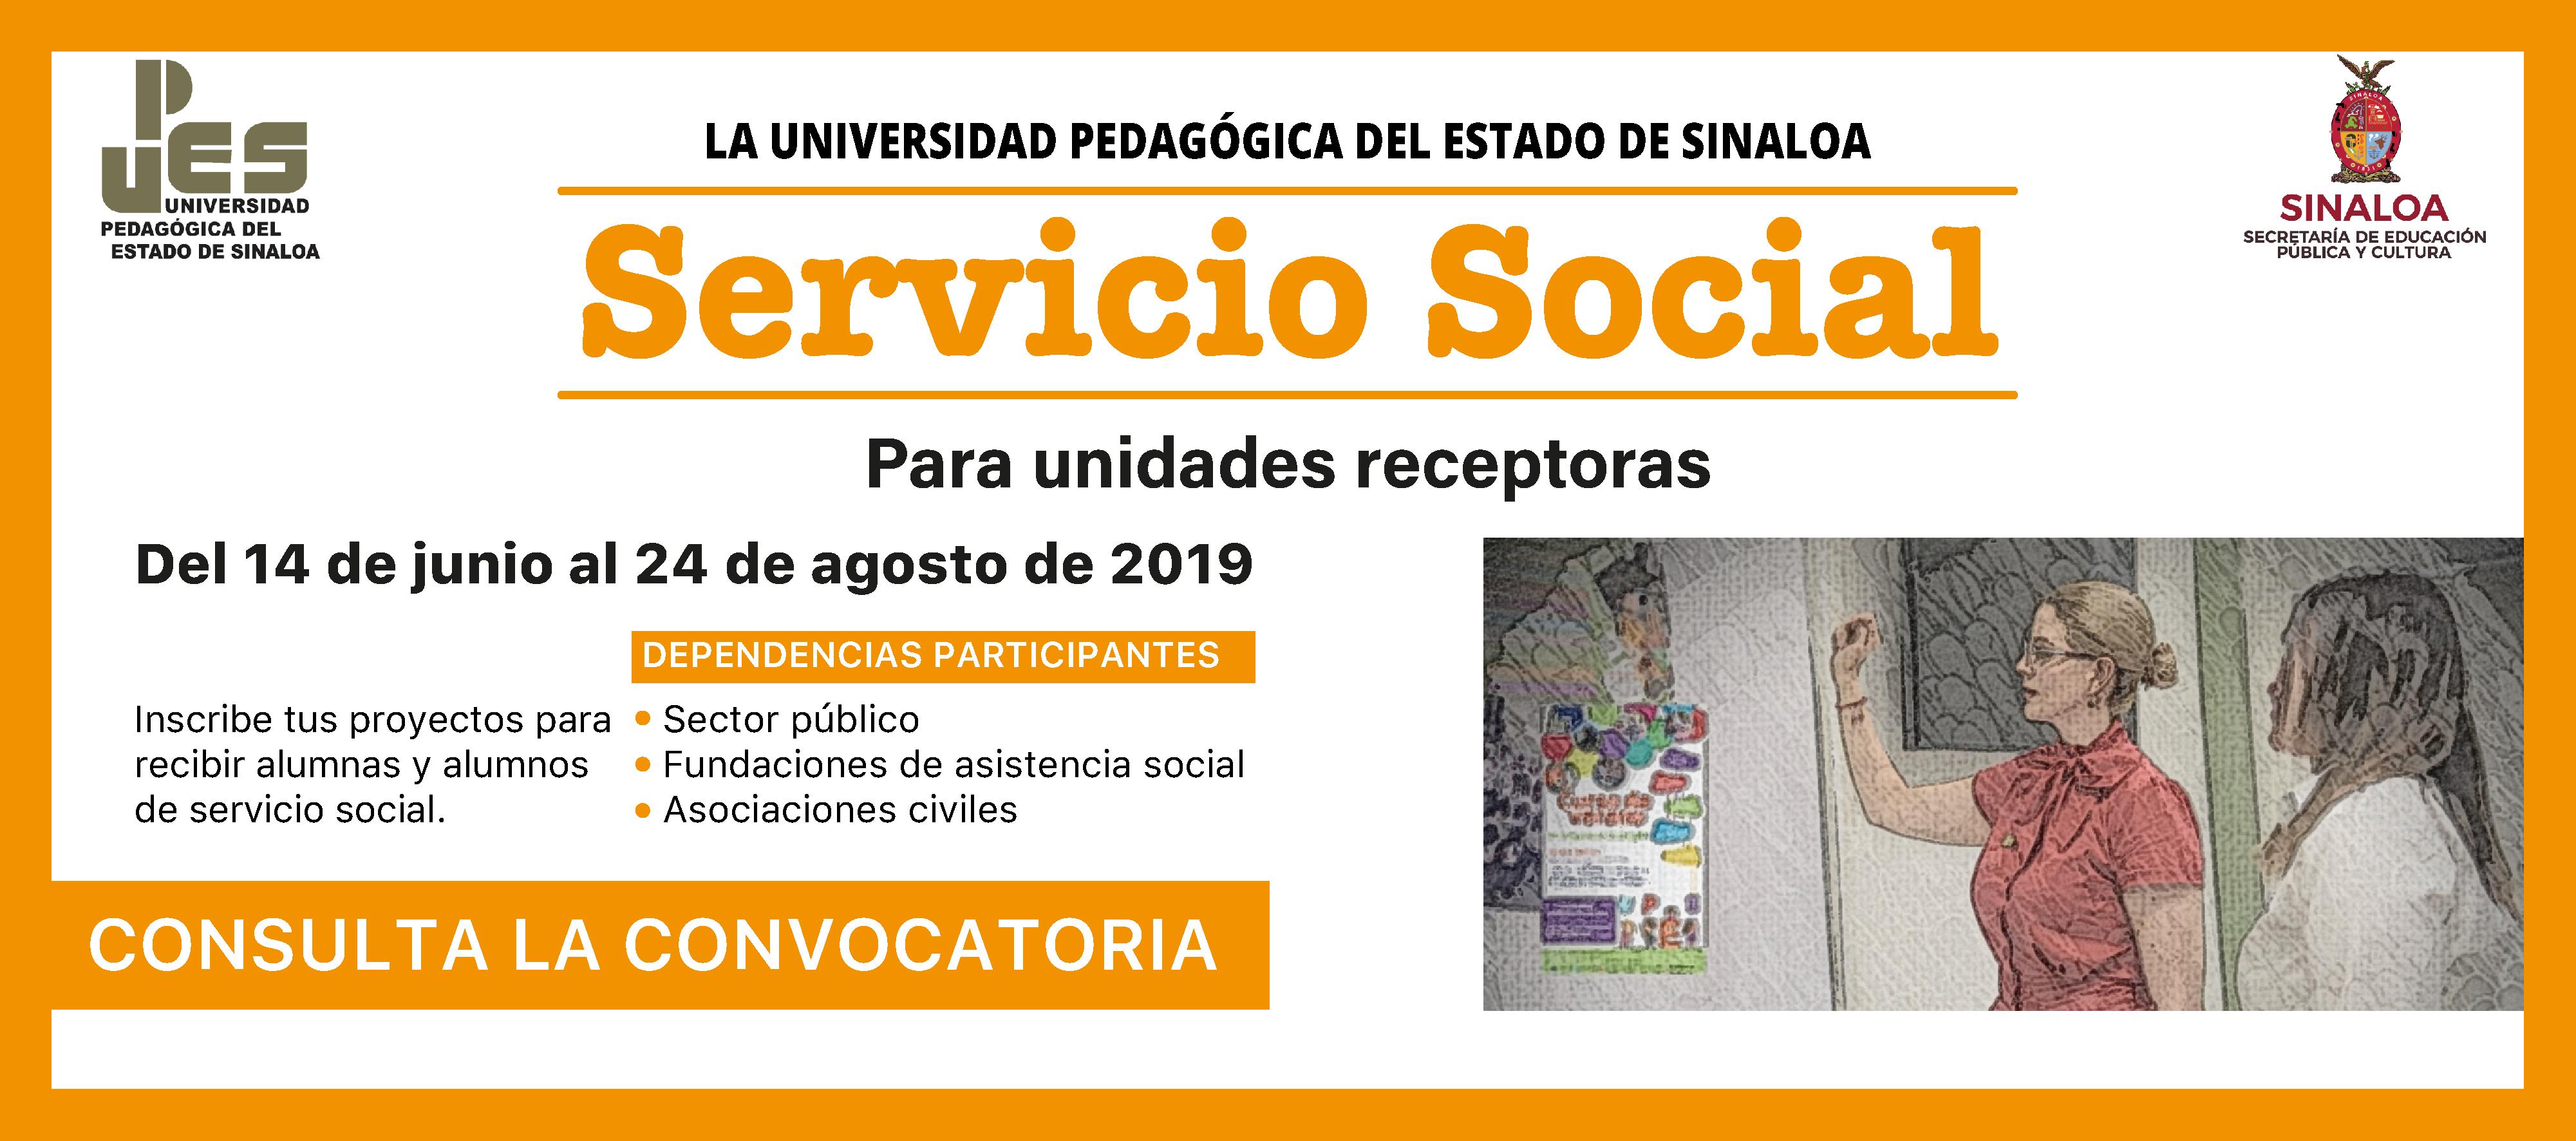 Servicio-Social-2019-slider